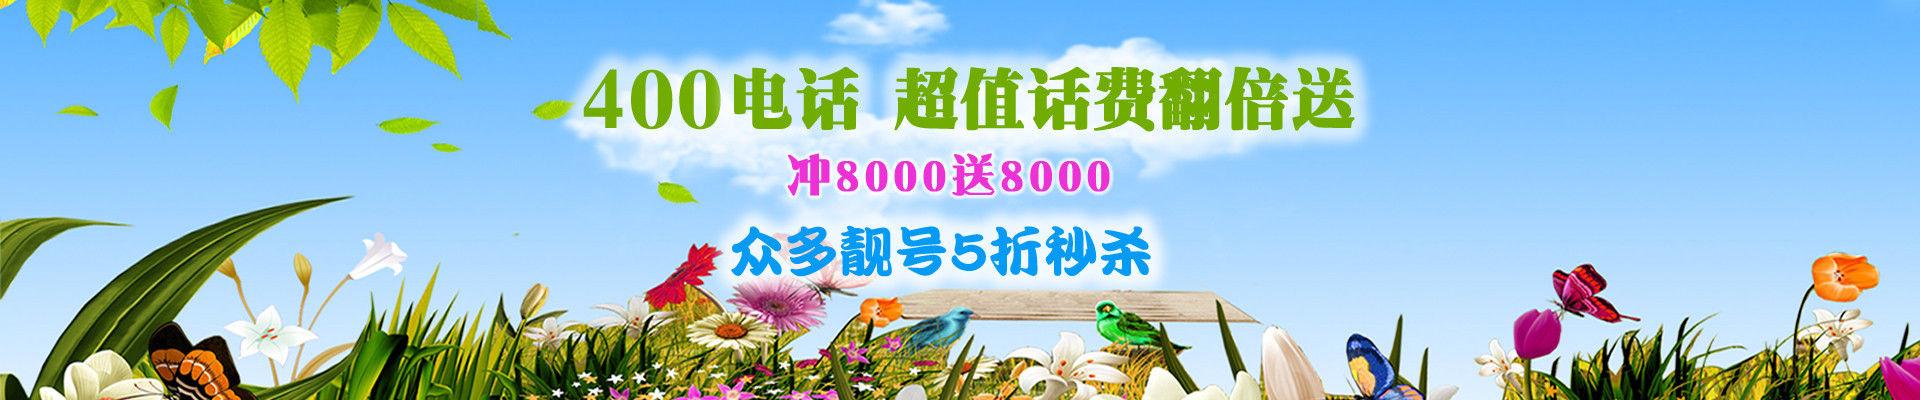 青海400电话优惠活动